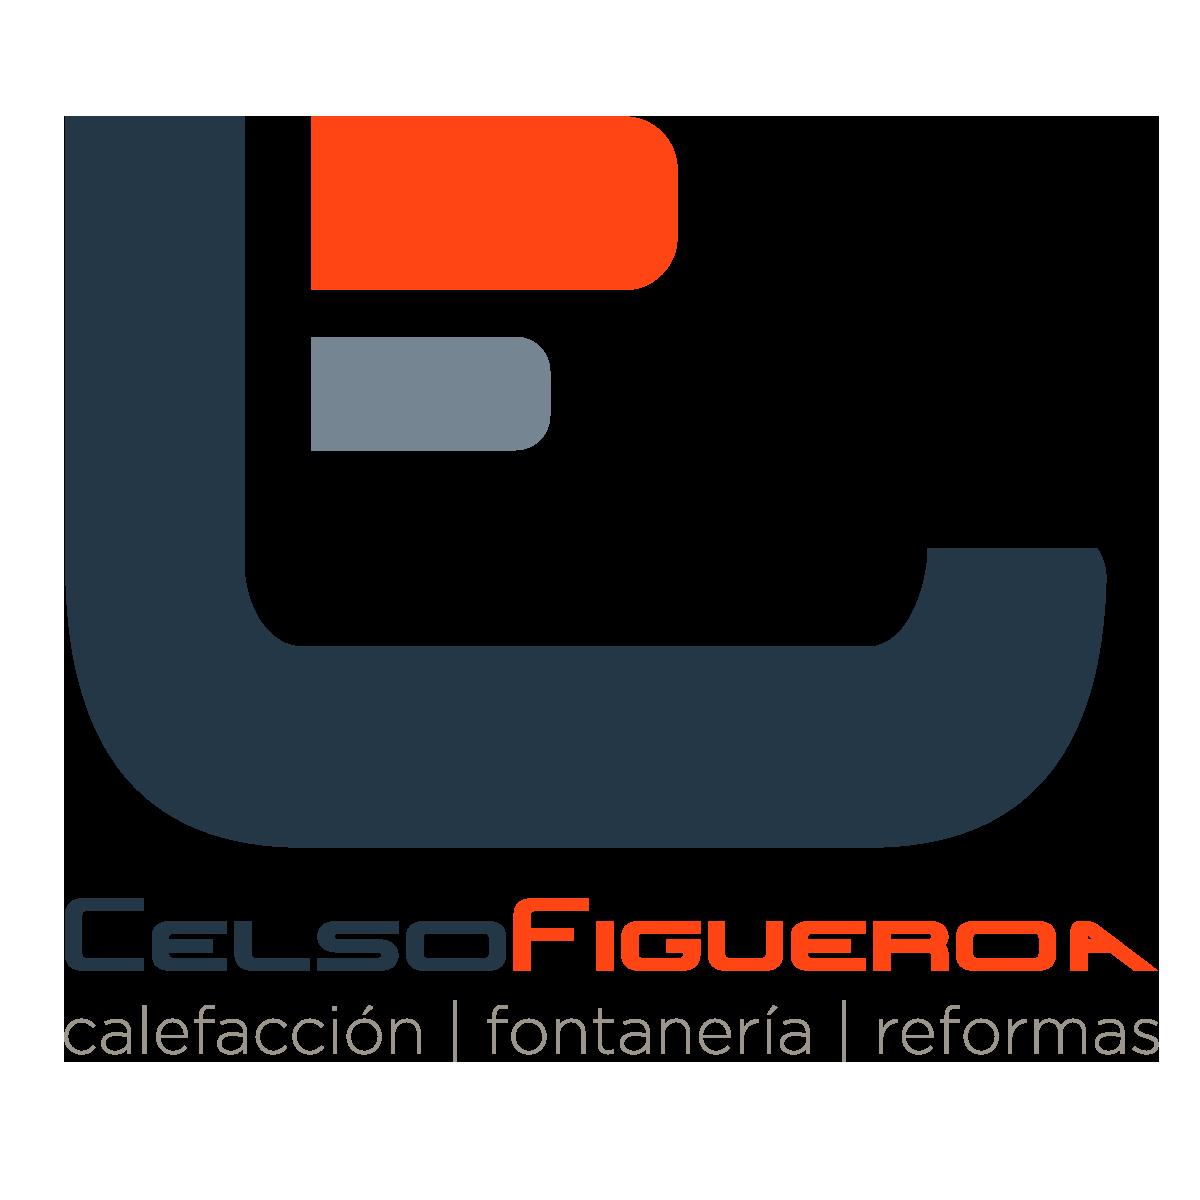 Celso Figueroa Instalaciones y Reformas